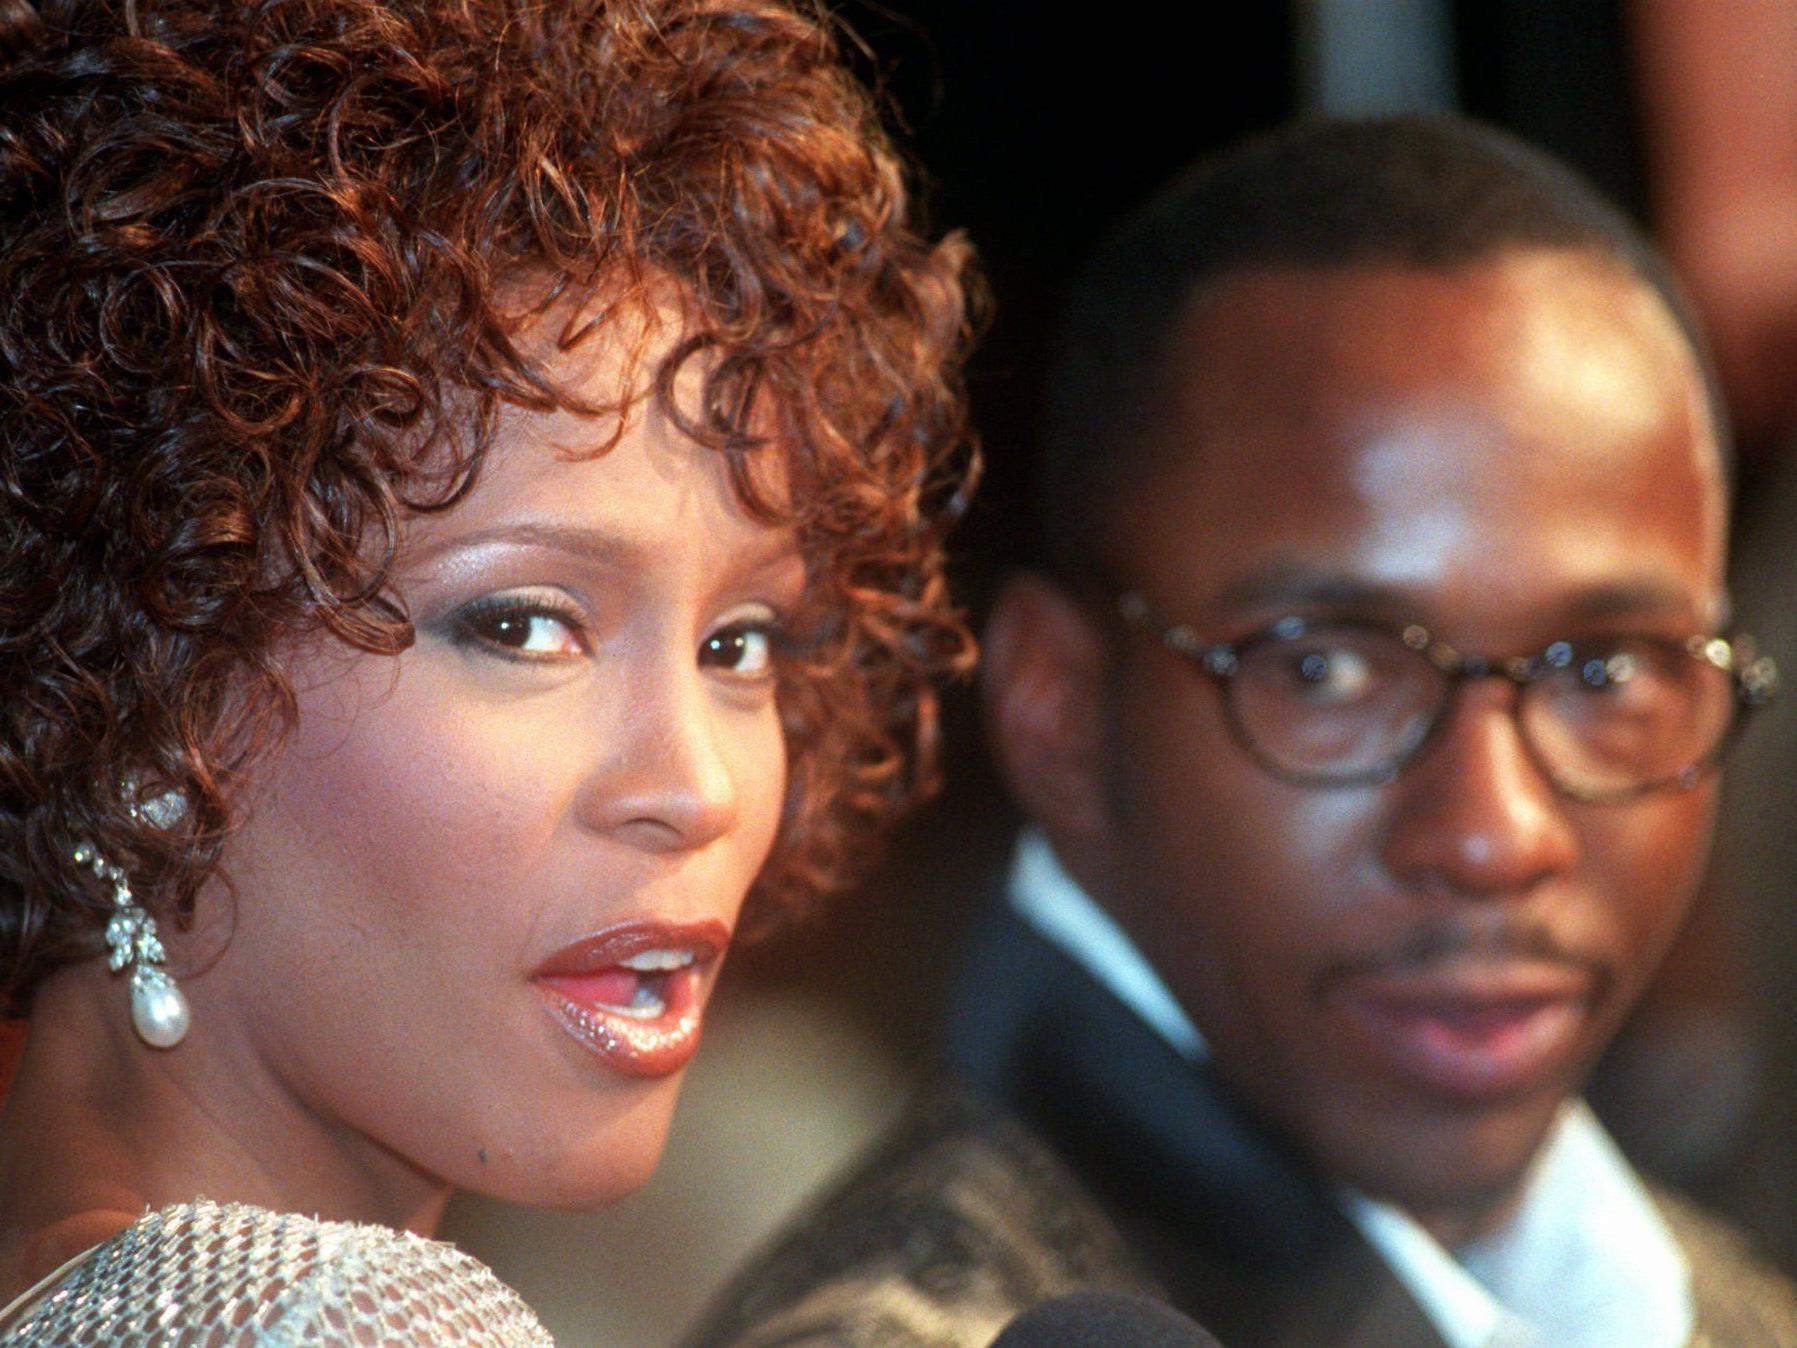 """Soul-Göttin wurde von zwei US-Radiosprechern als """"Crackhure"""" bezeichnet."""